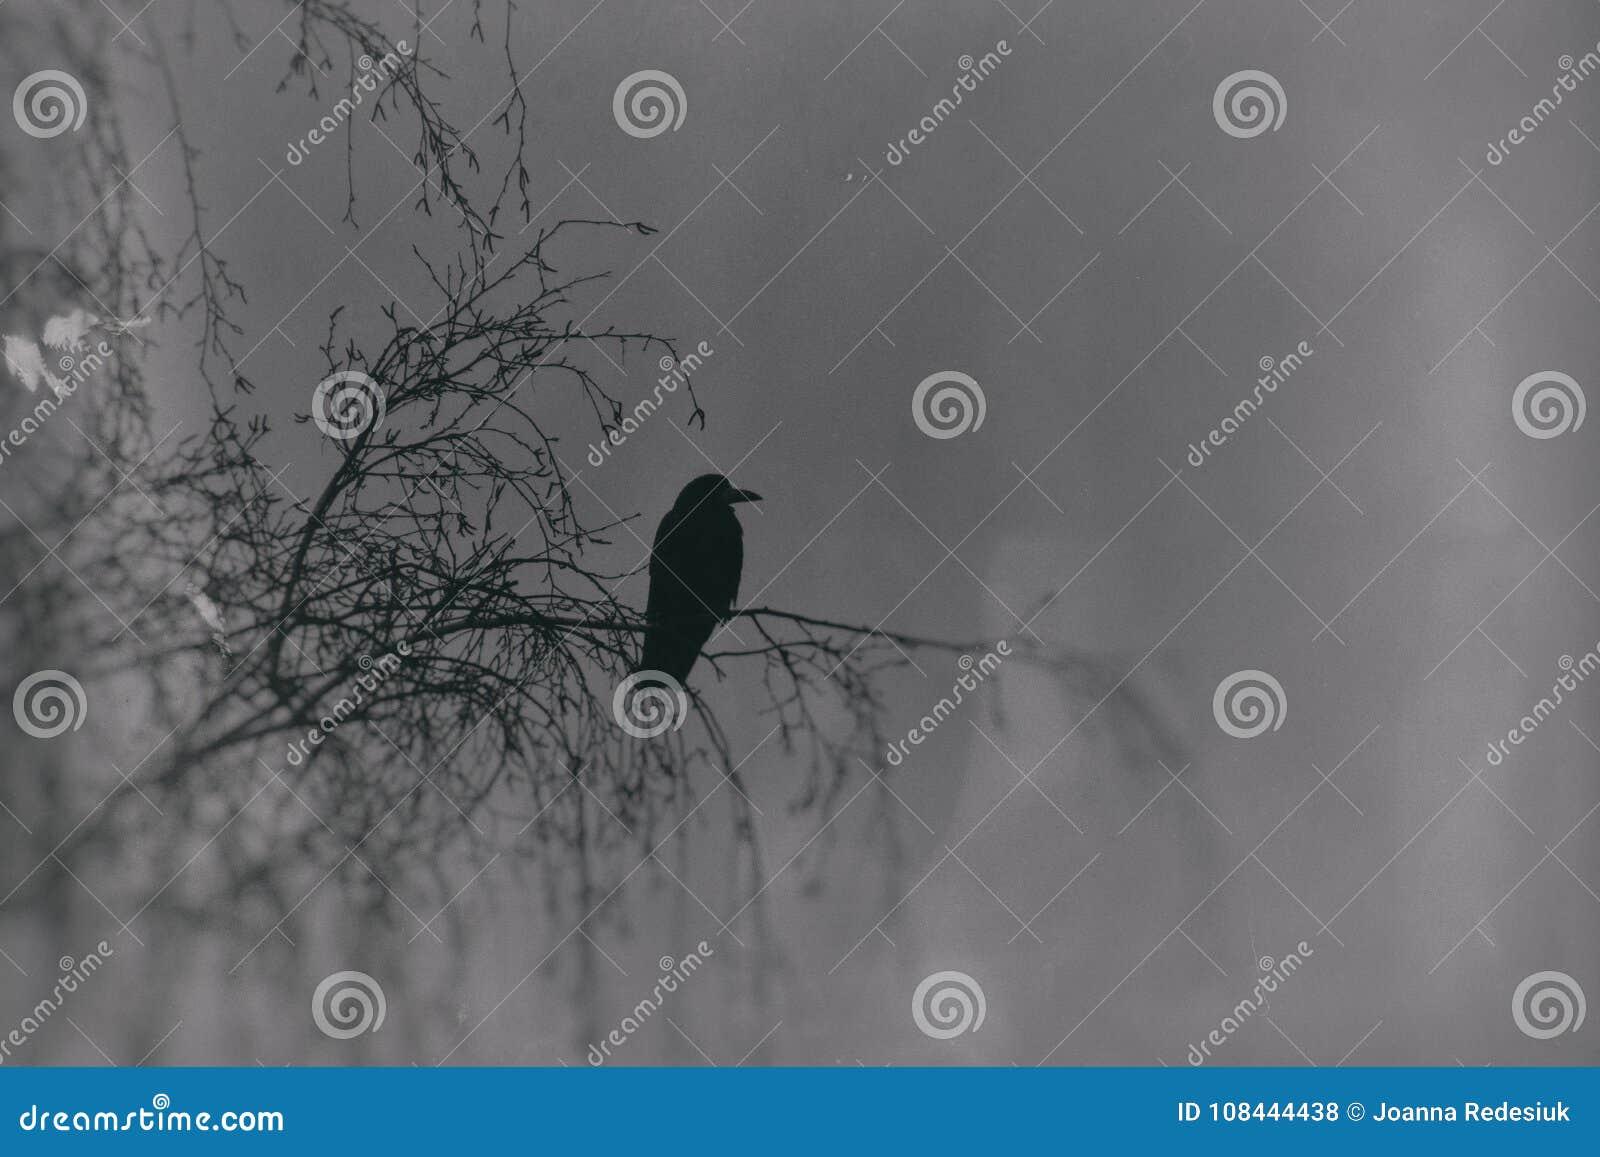 Gothic fotografia czarni ptaki siedzi na bezlistnej brzozie